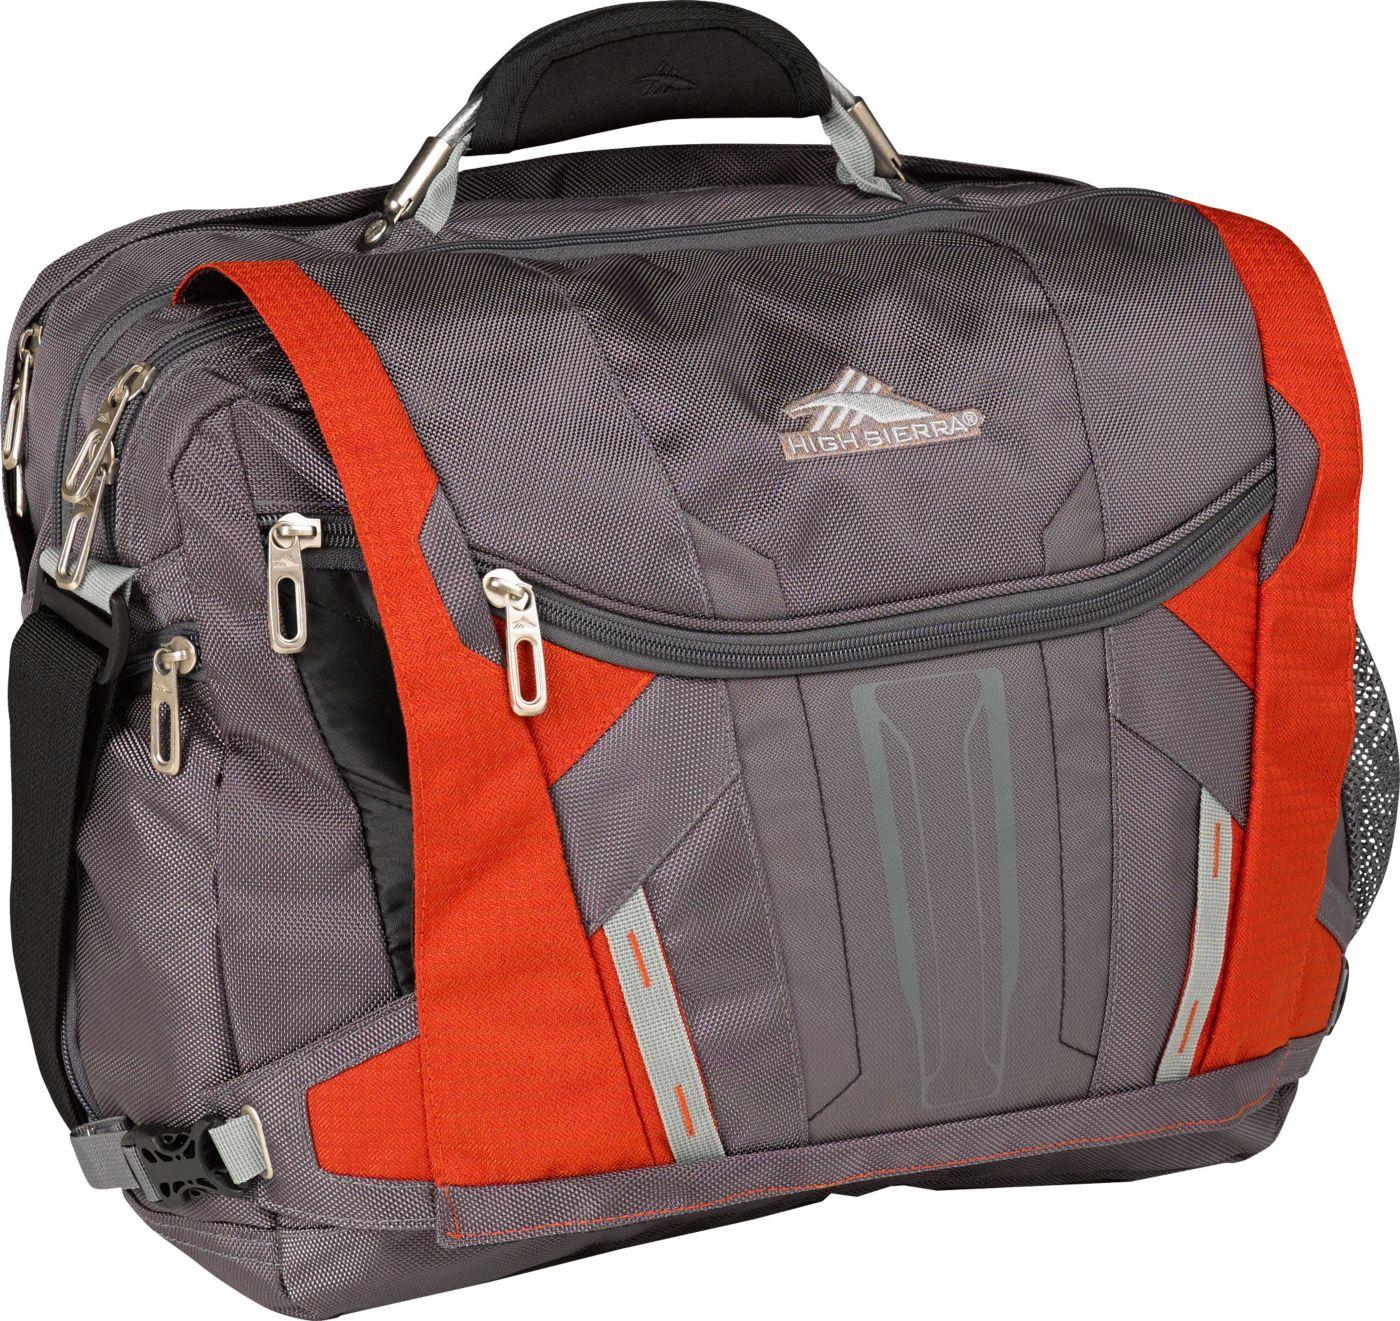 High Sierra XBT TSA Messenger Bag